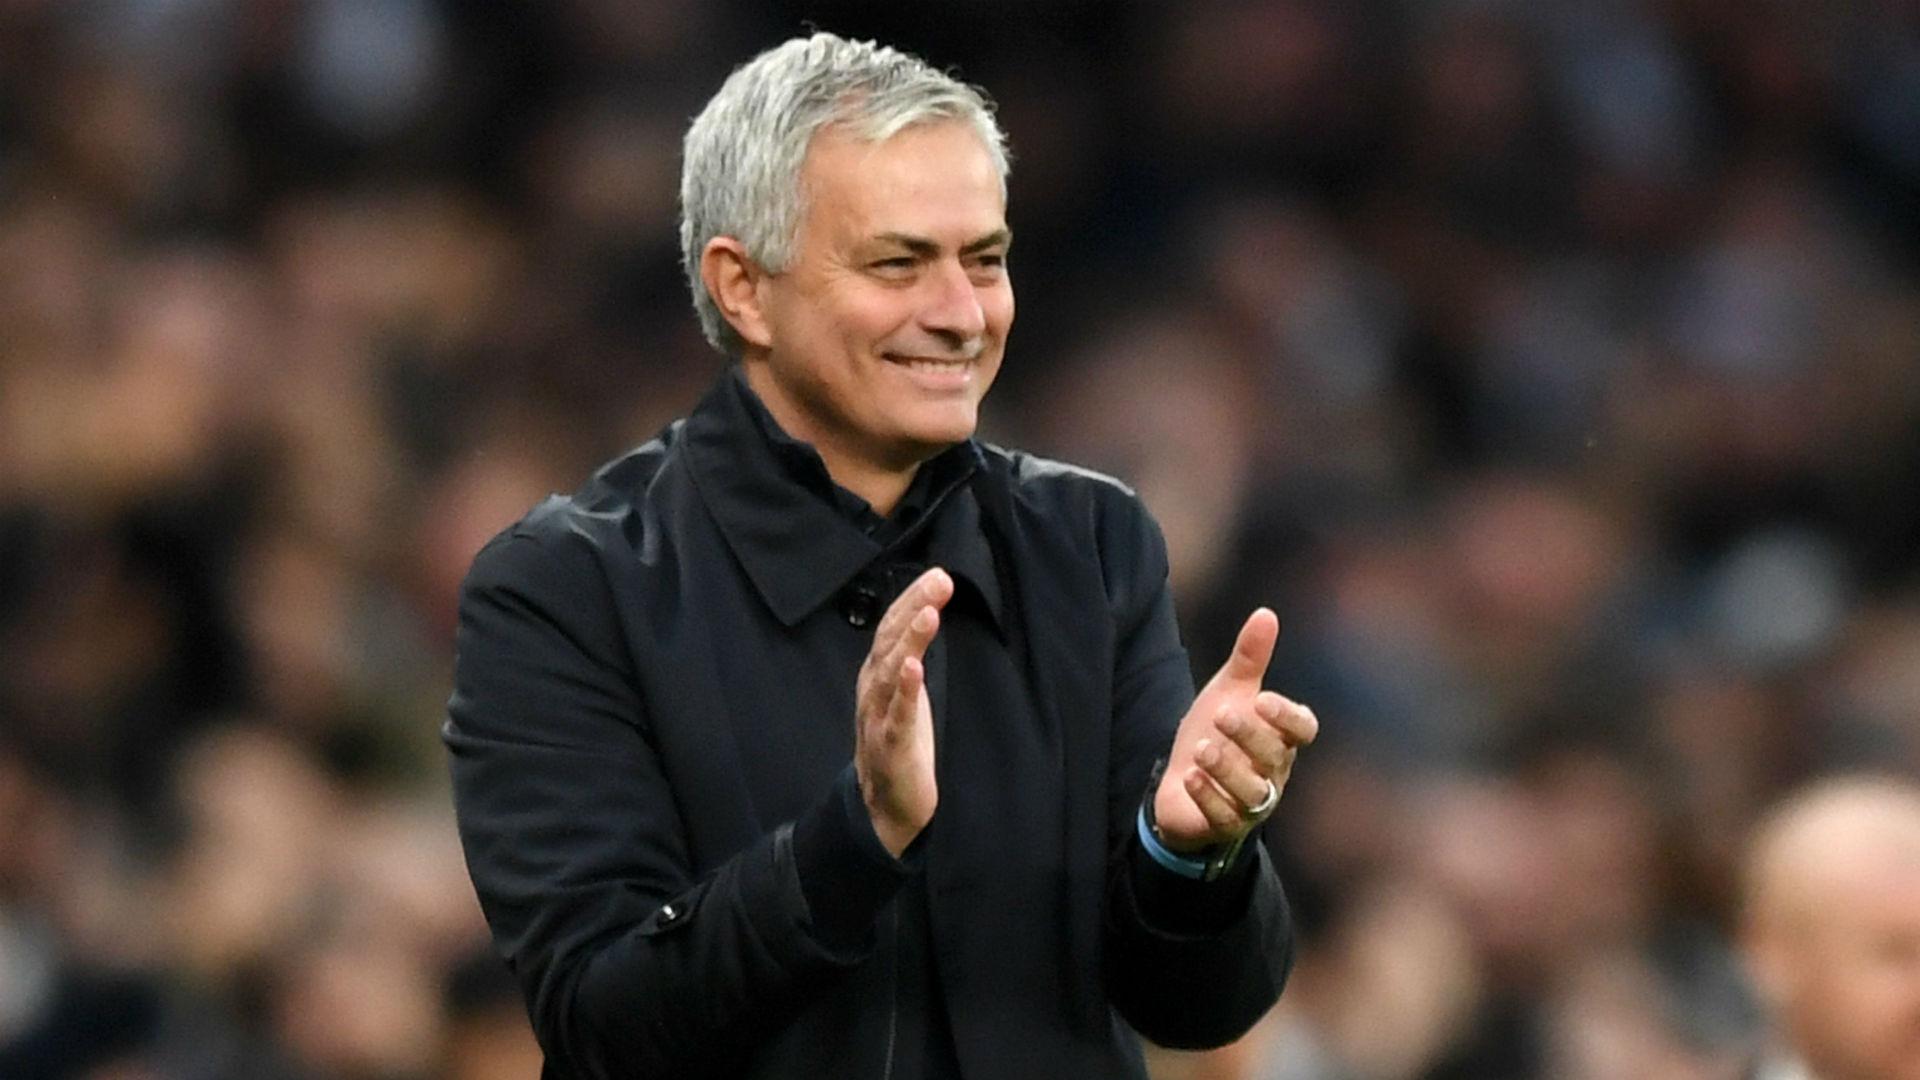 I'm so happy at Tottenham - Mourinho cannot imagine Bayern move